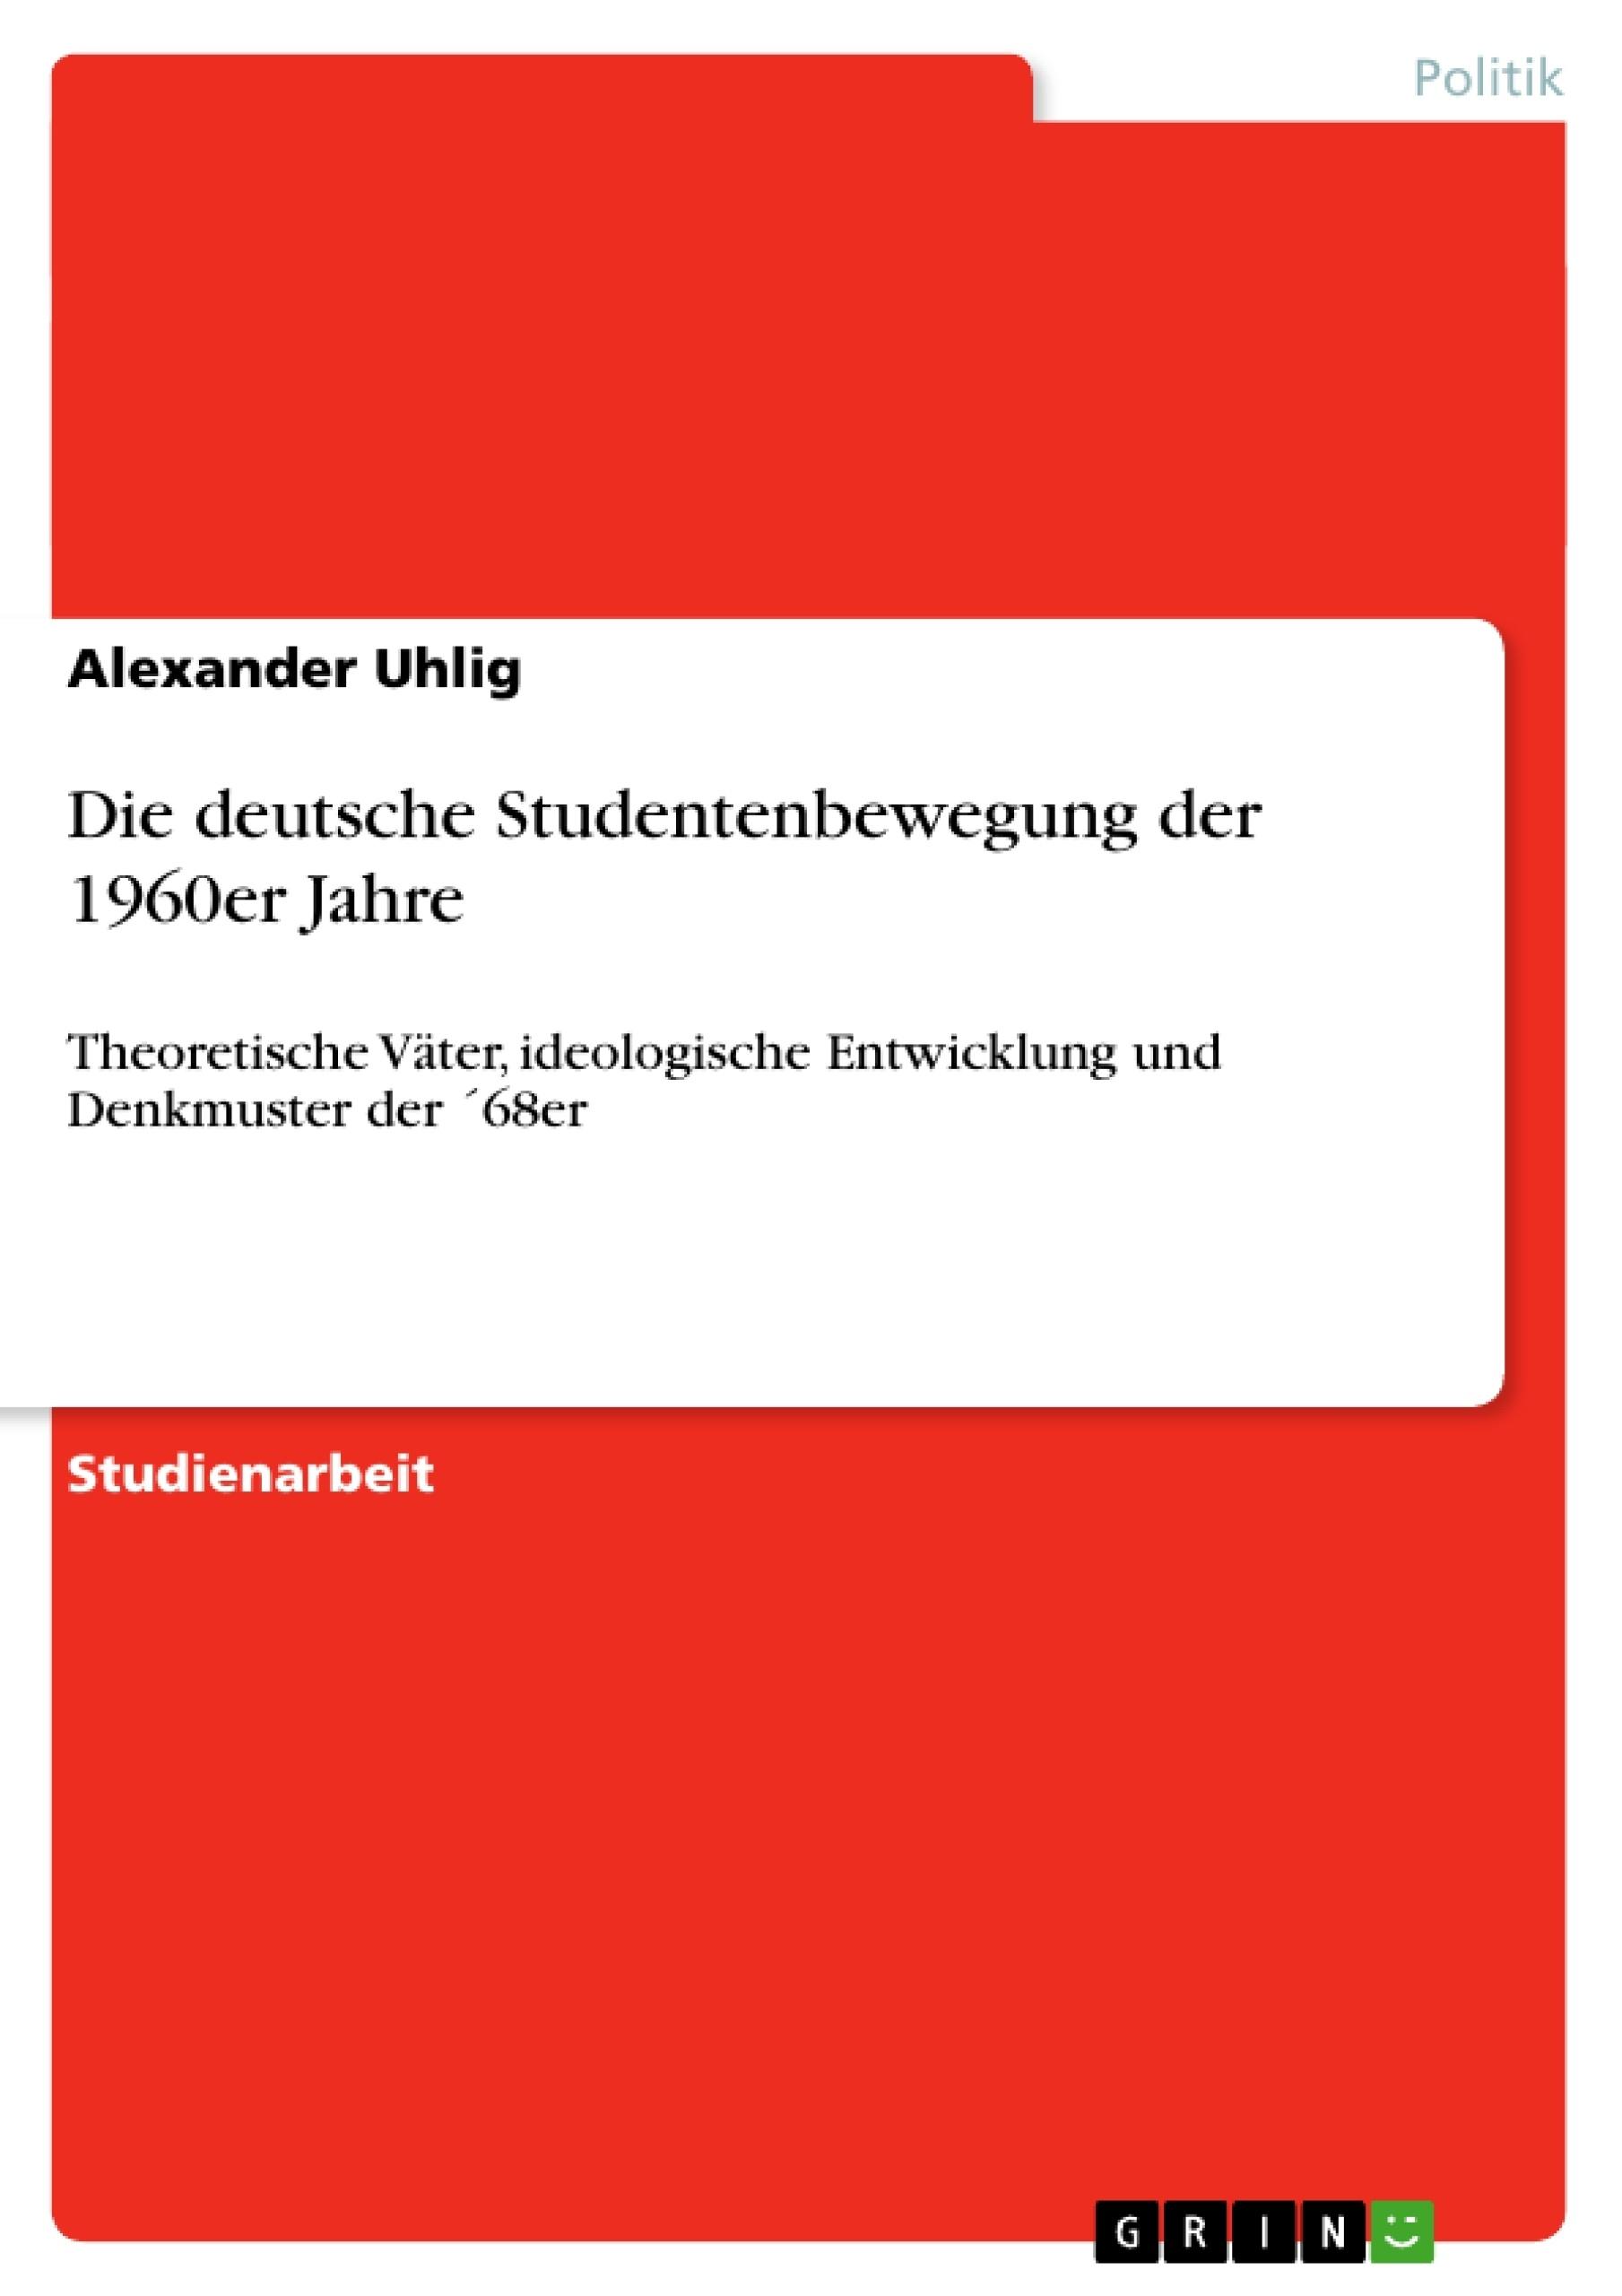 Titel: Die deutsche Studentenbewegung der 1960er Jahre